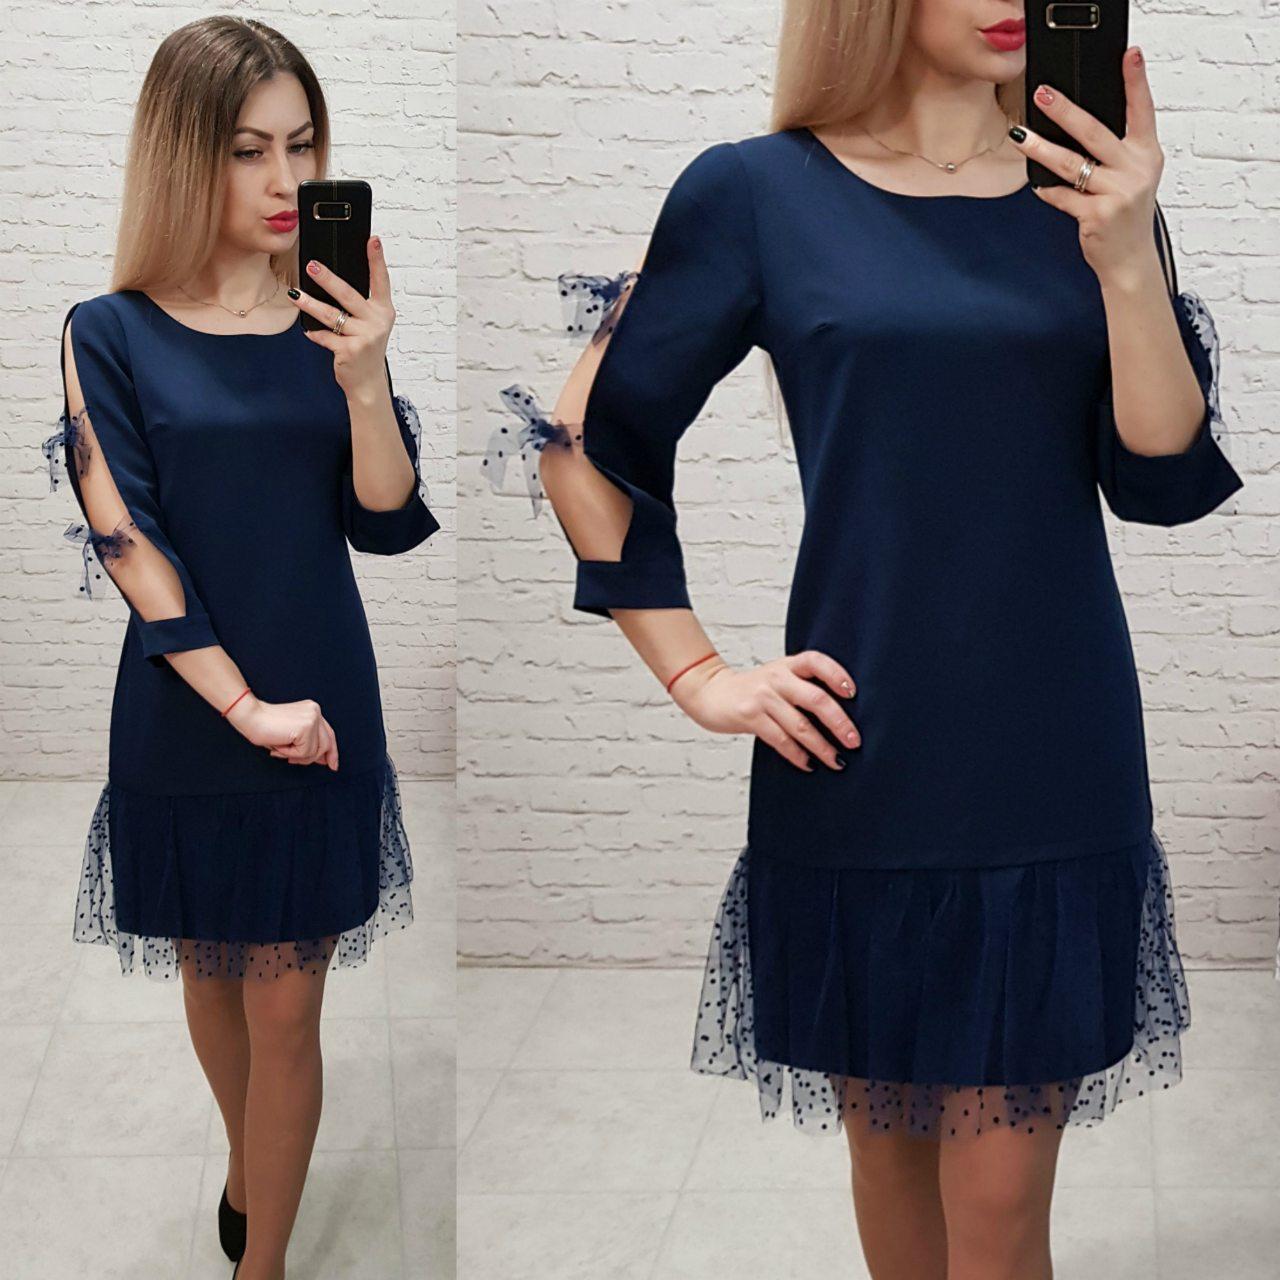 Платье женское, креп+сетка, модель 154, цвет - темно синий